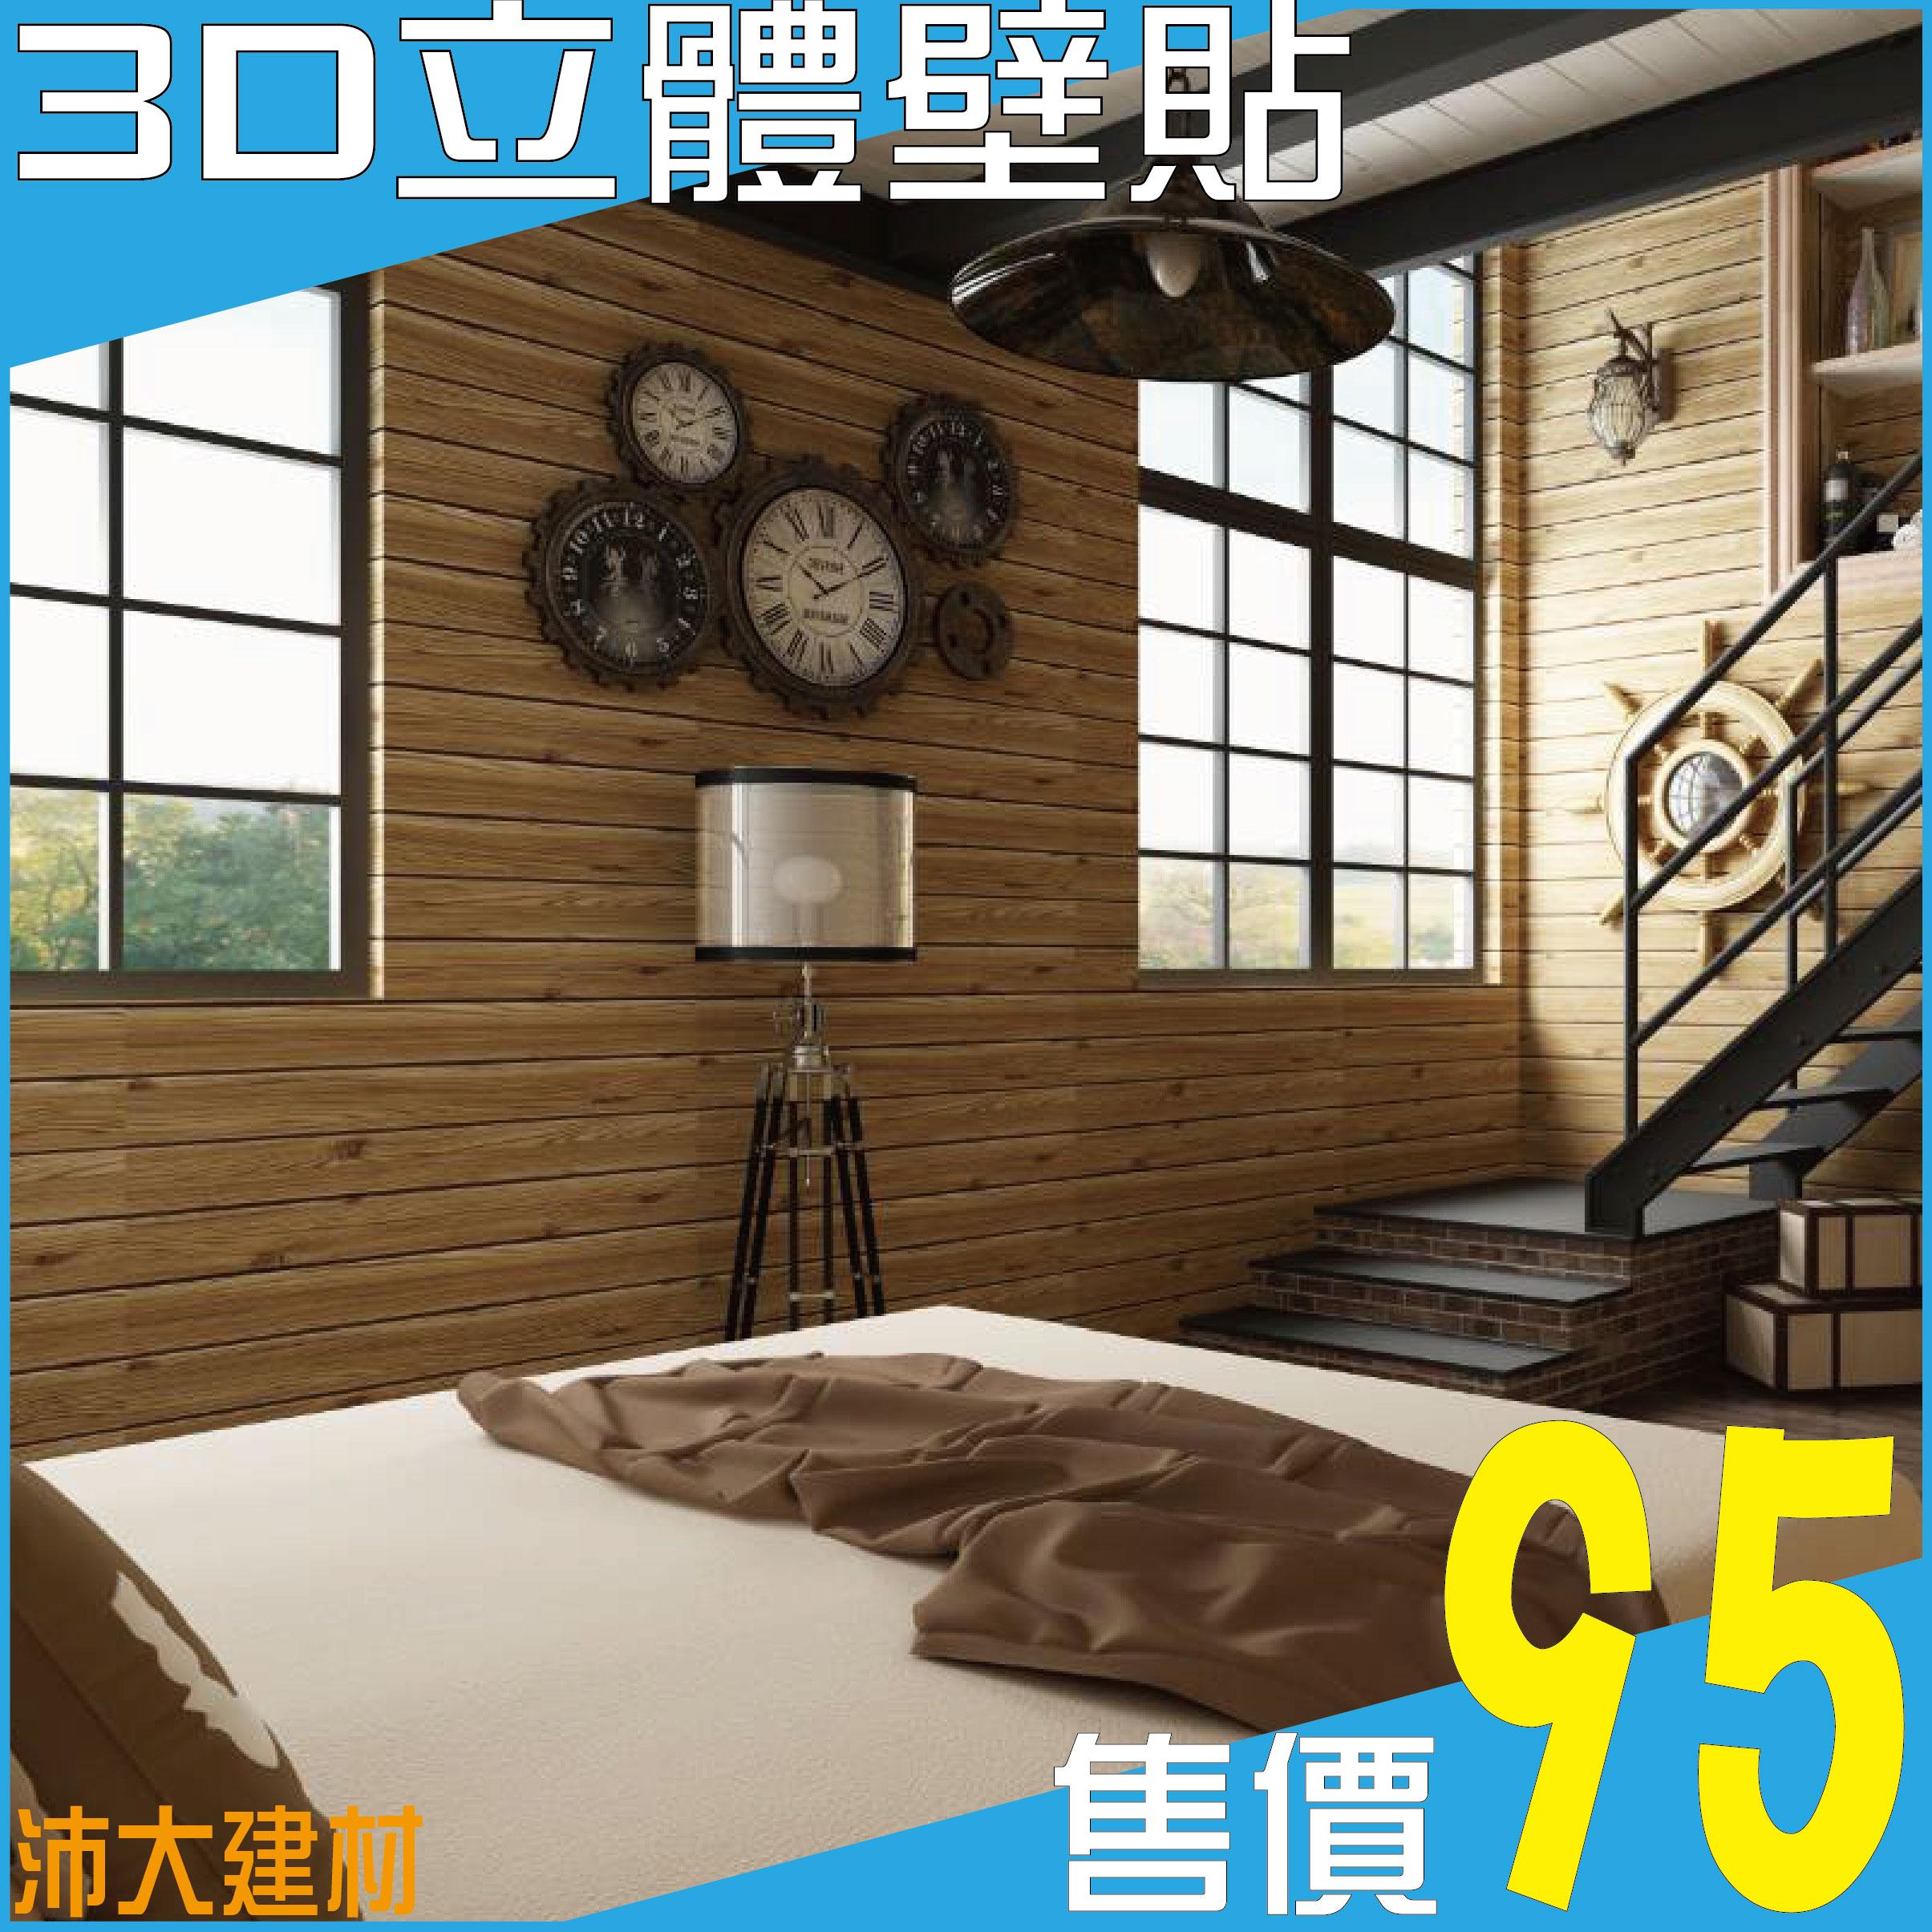 《沛大建材》 $95 木紋壁貼 3D立體木紋壁貼 立體壁貼 DIY 壁紙 泡棉 隔音 防撞 防水【B53】